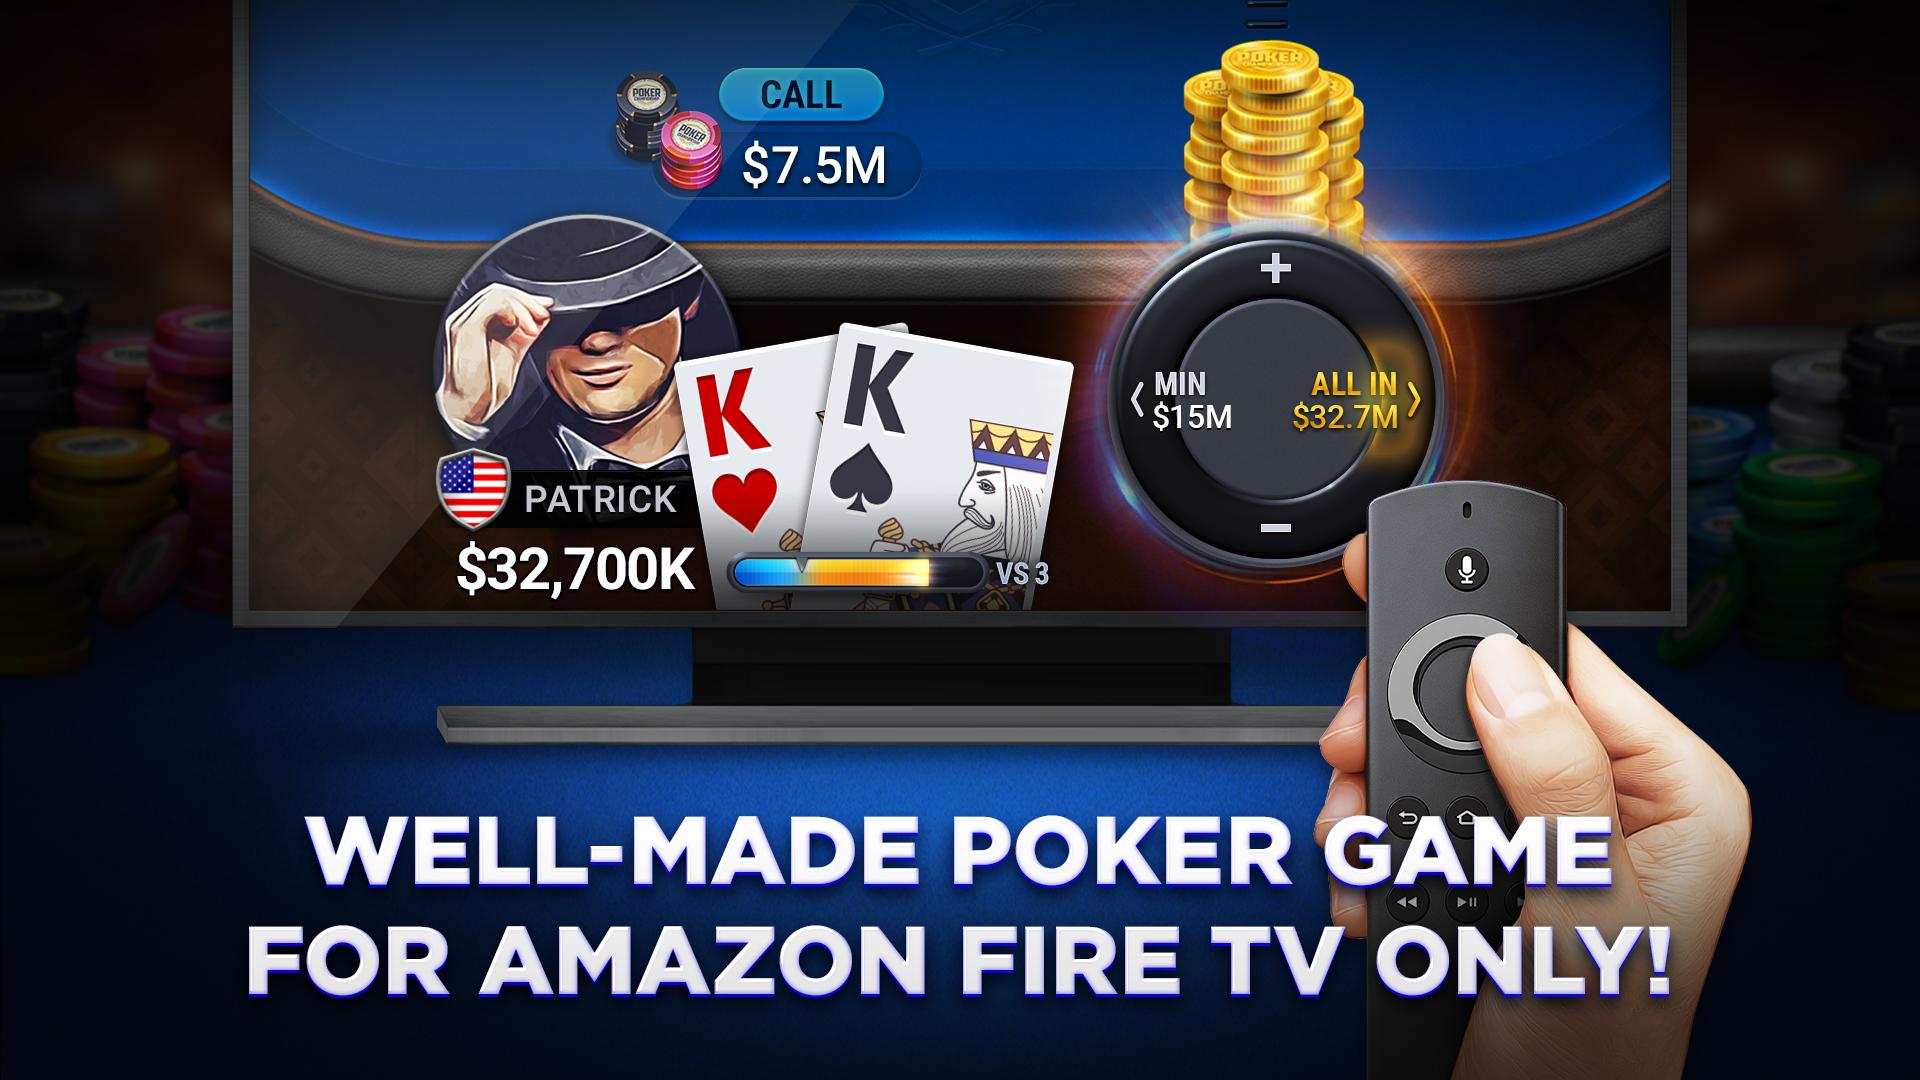 Смотреть онлайн тв бесплатно покер как играть в козу в карты